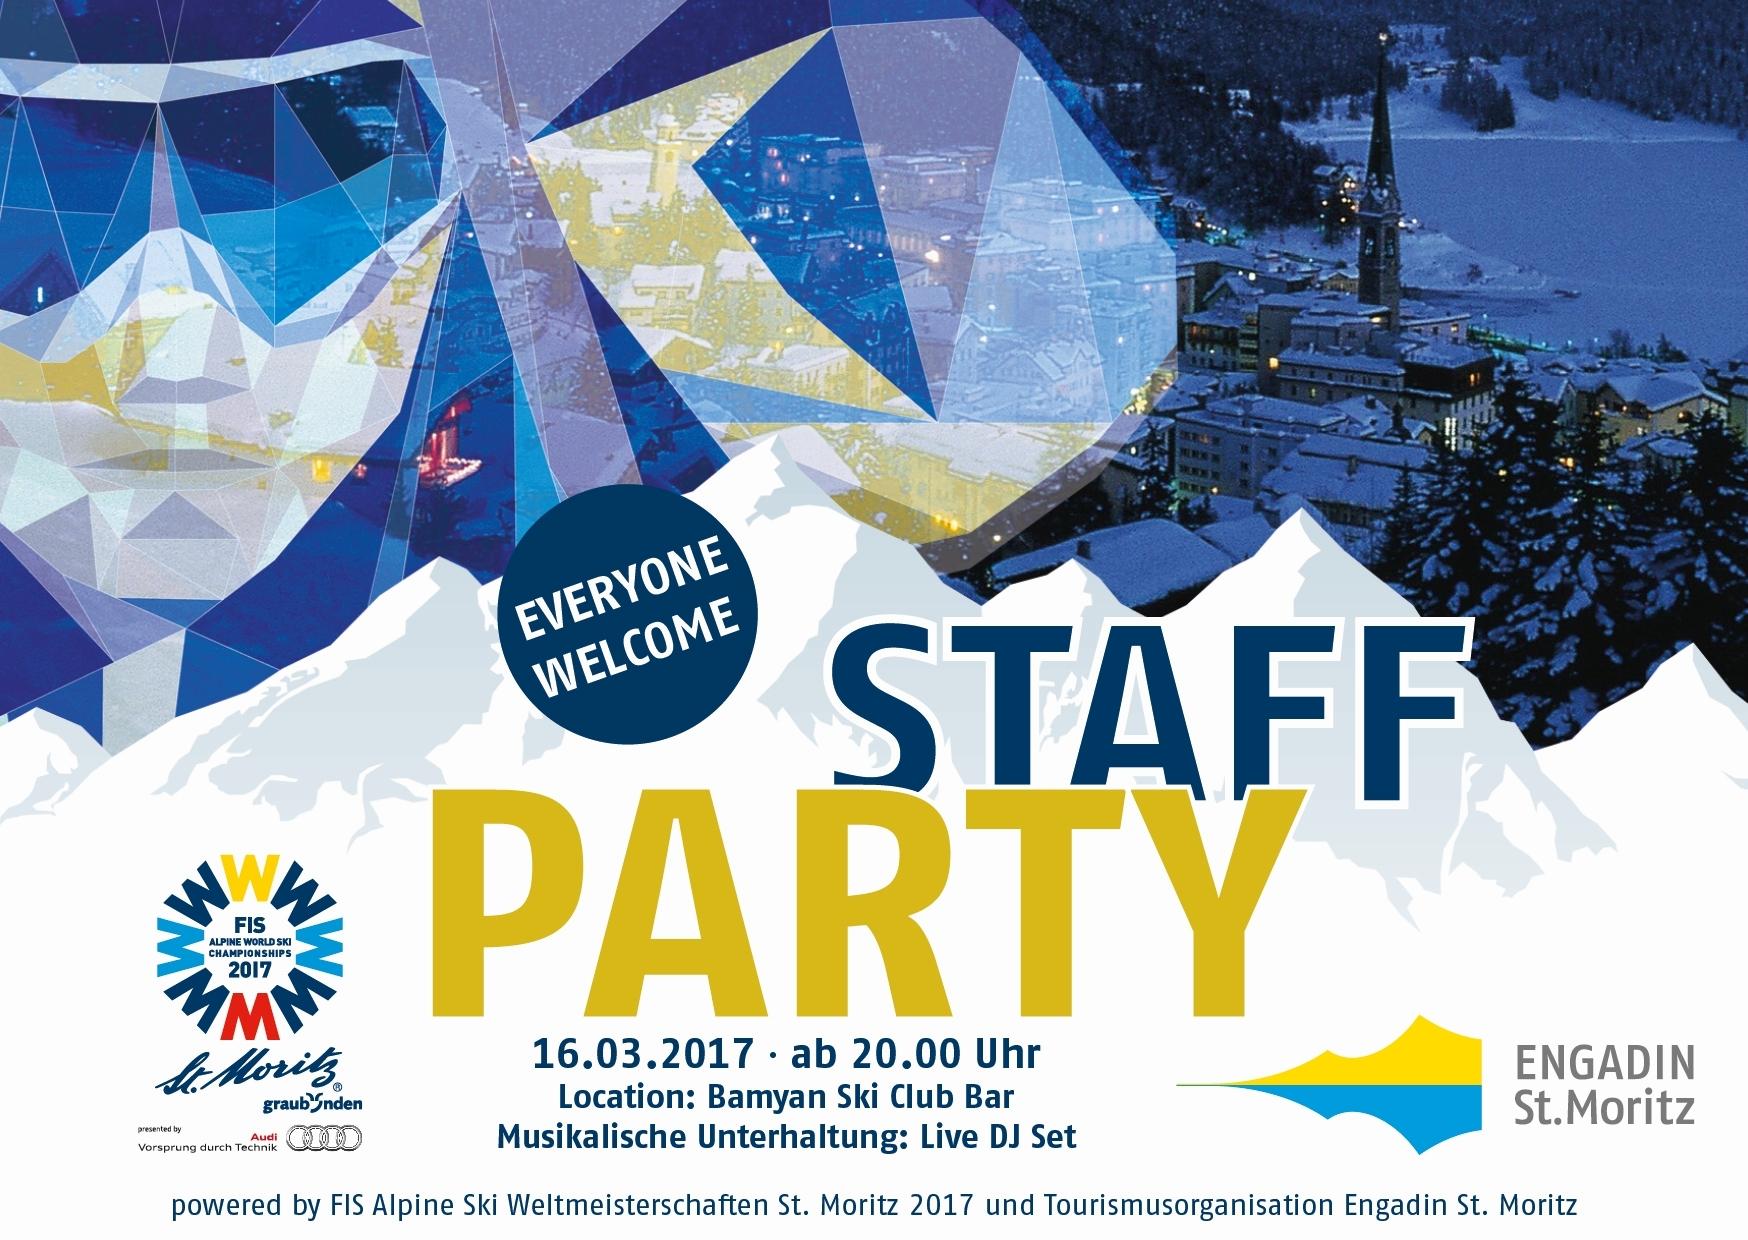 Events der Tourismusorganisation Engadin St. Moritz Slide 1